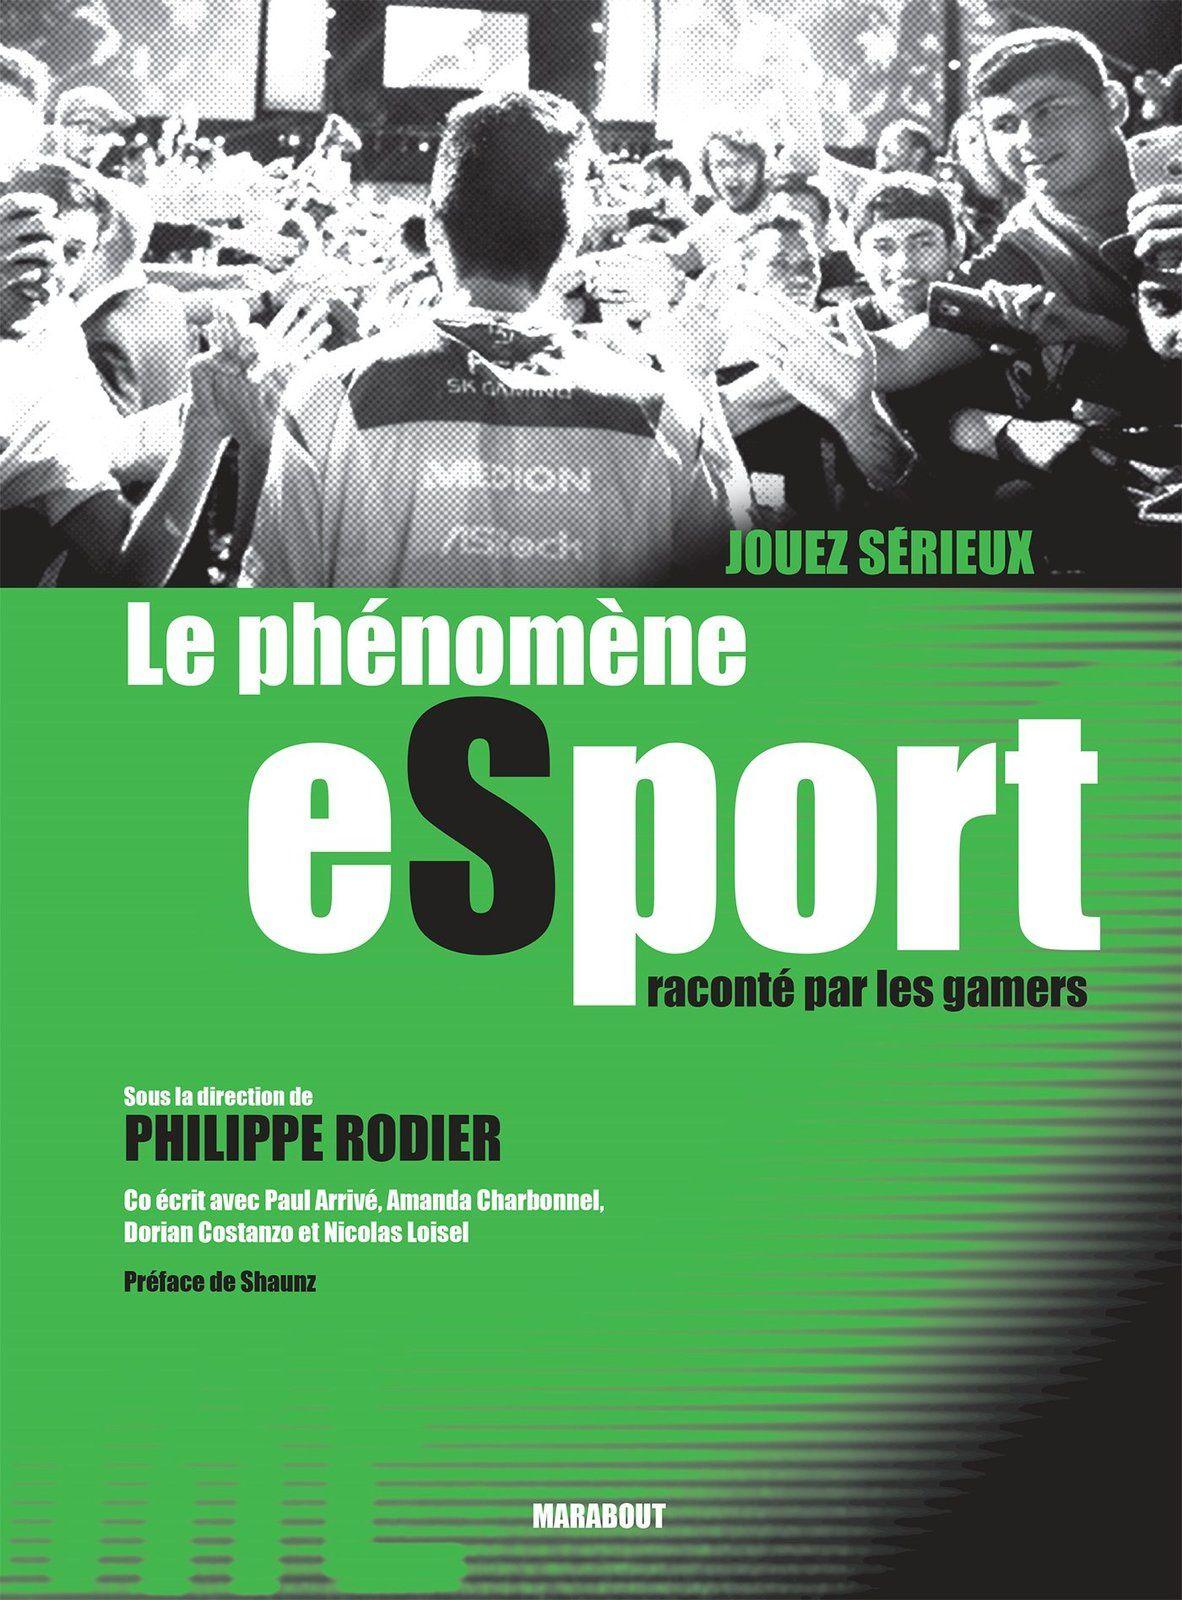 [REVUE LIVRE GAMING] JOUEZ SERIEUX - LE PHENOMENE ESPORT RACONTE PAR LES GAMERS aux éditions MARABOUT